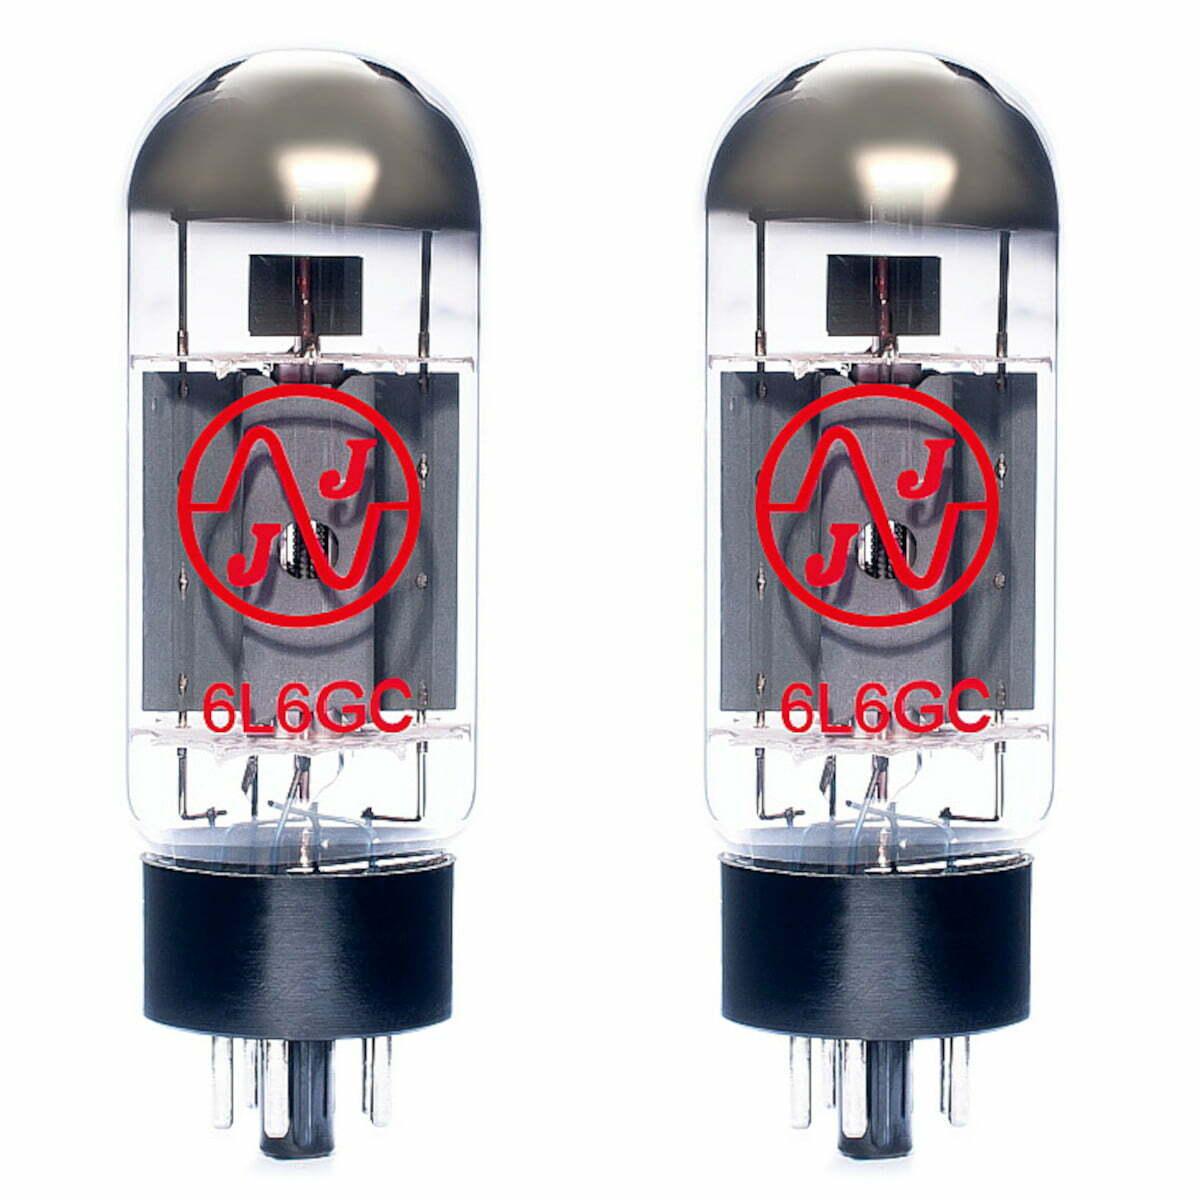 2 X 6l6gc Appairée Lampe De Puissance (tubes)